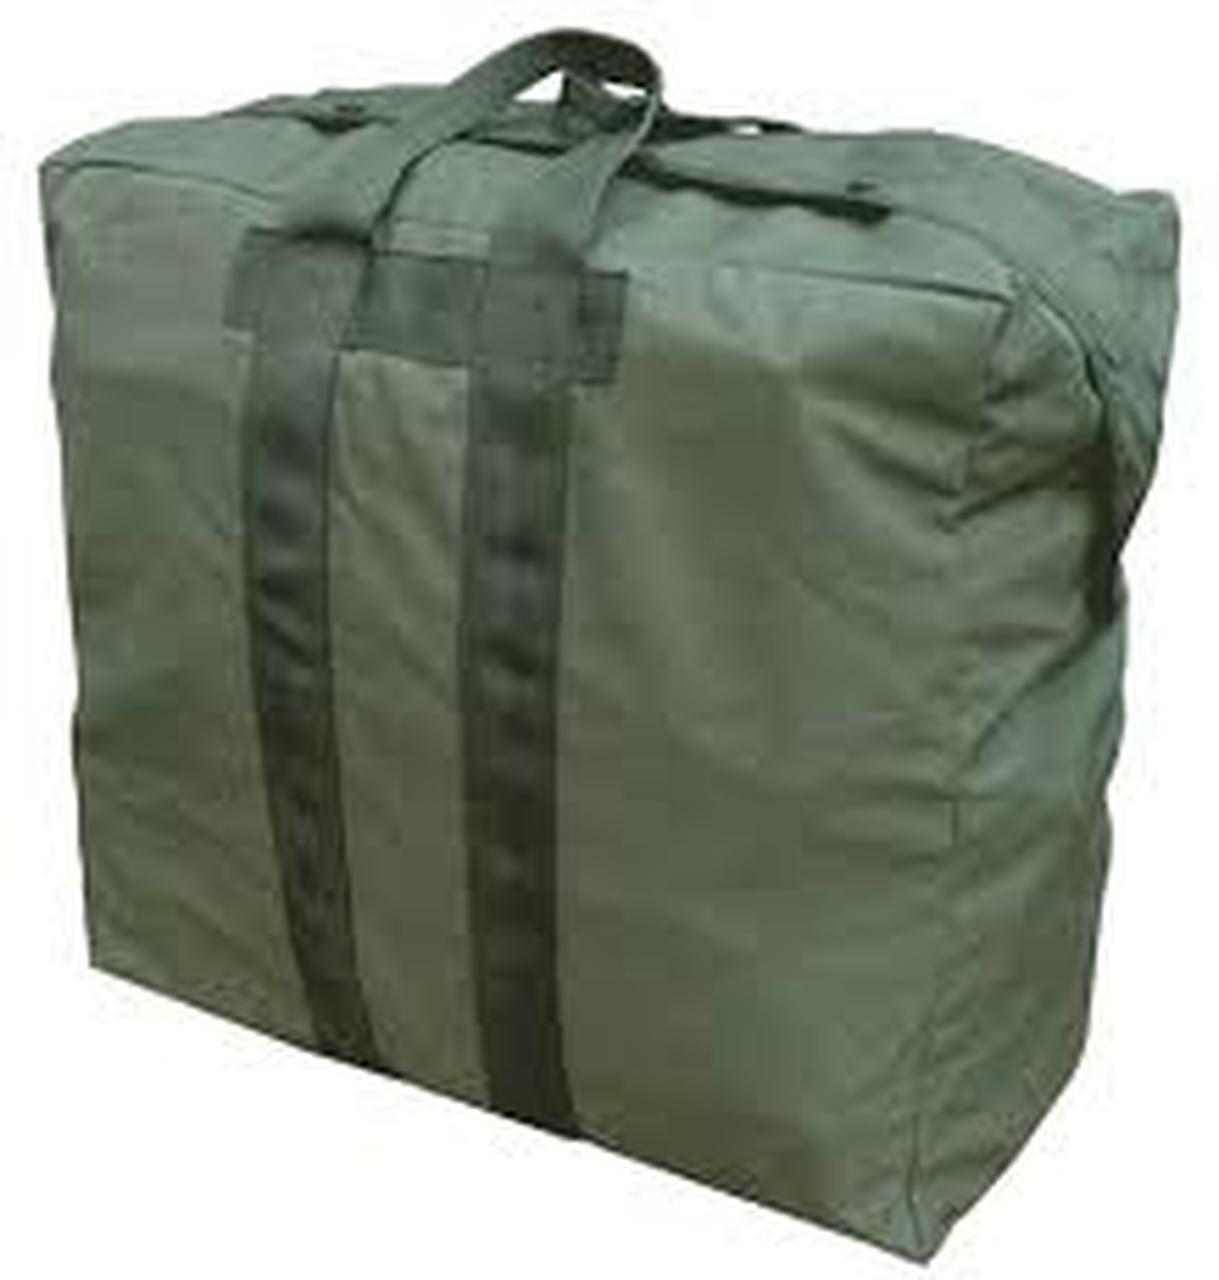 U.S. Armed Forces Flyer's Kit Bag